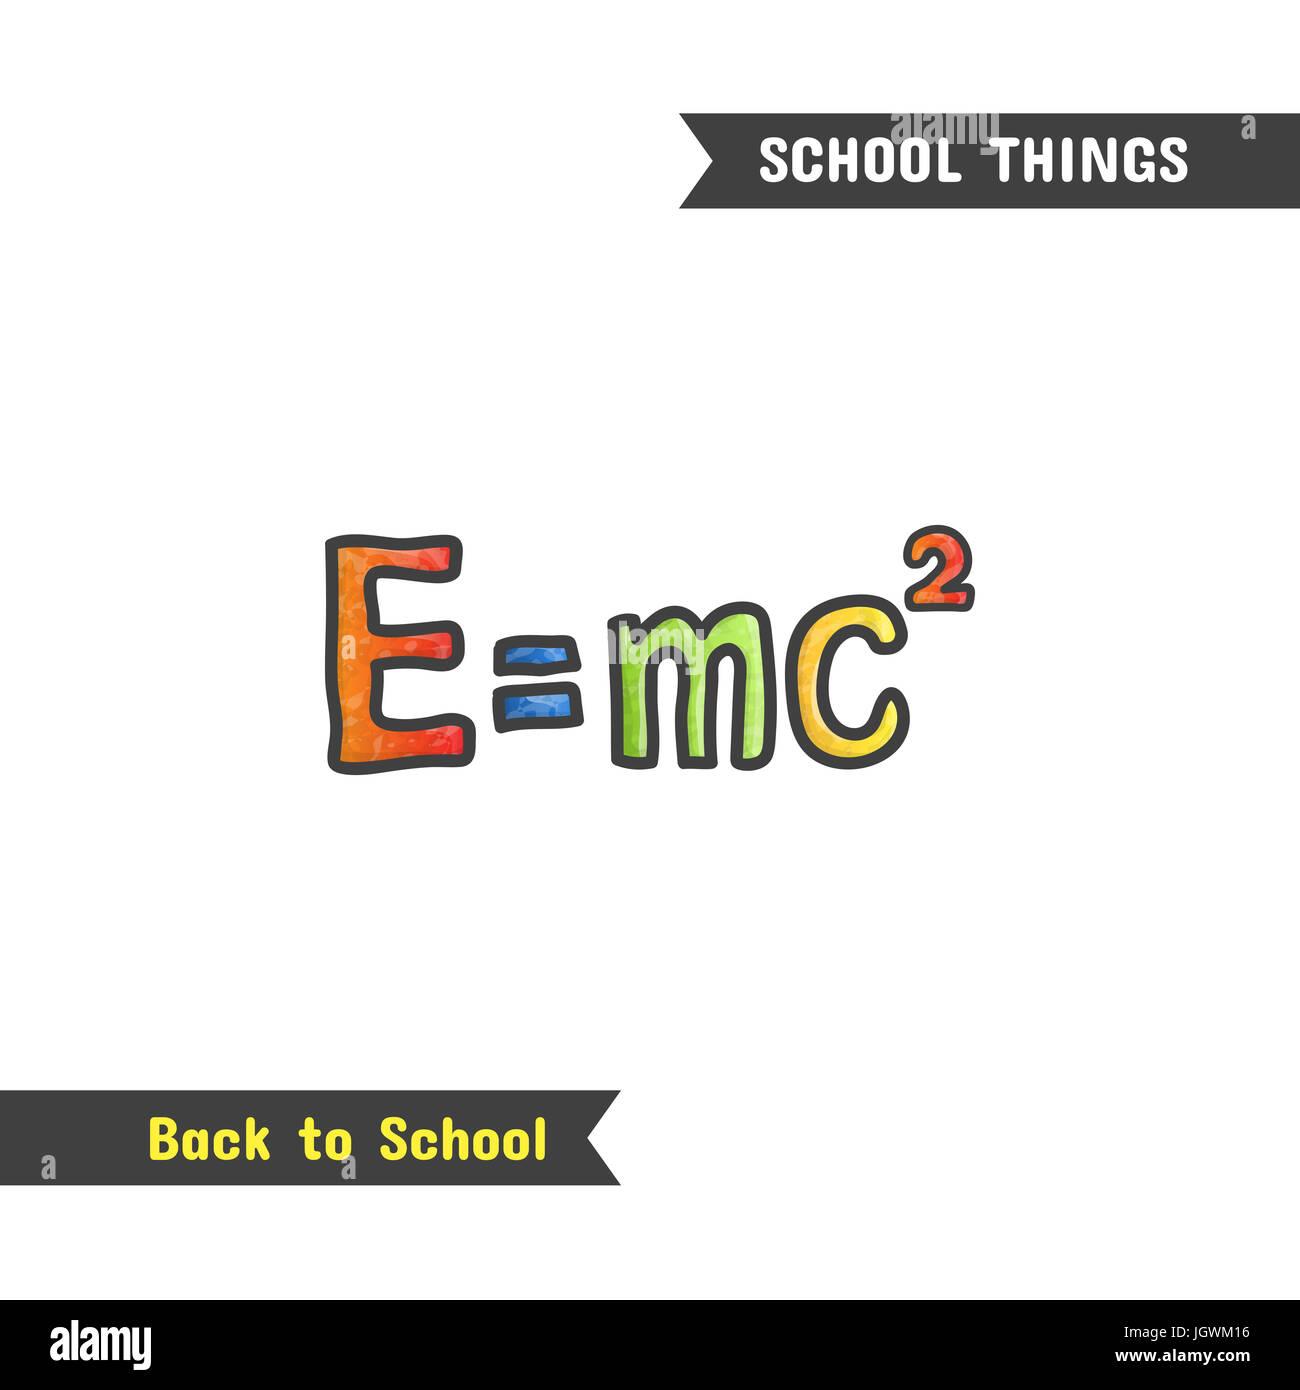 Zurück zu Schule-Versorgungsmaterialien, gezeichnete Handsymbol, isoliert auf weiss cartoon-Stil. Naturwissenschaften. Physik-Symbol, mass-Energy Gleichwertigkeit Formel, e mc2 Stockfoto